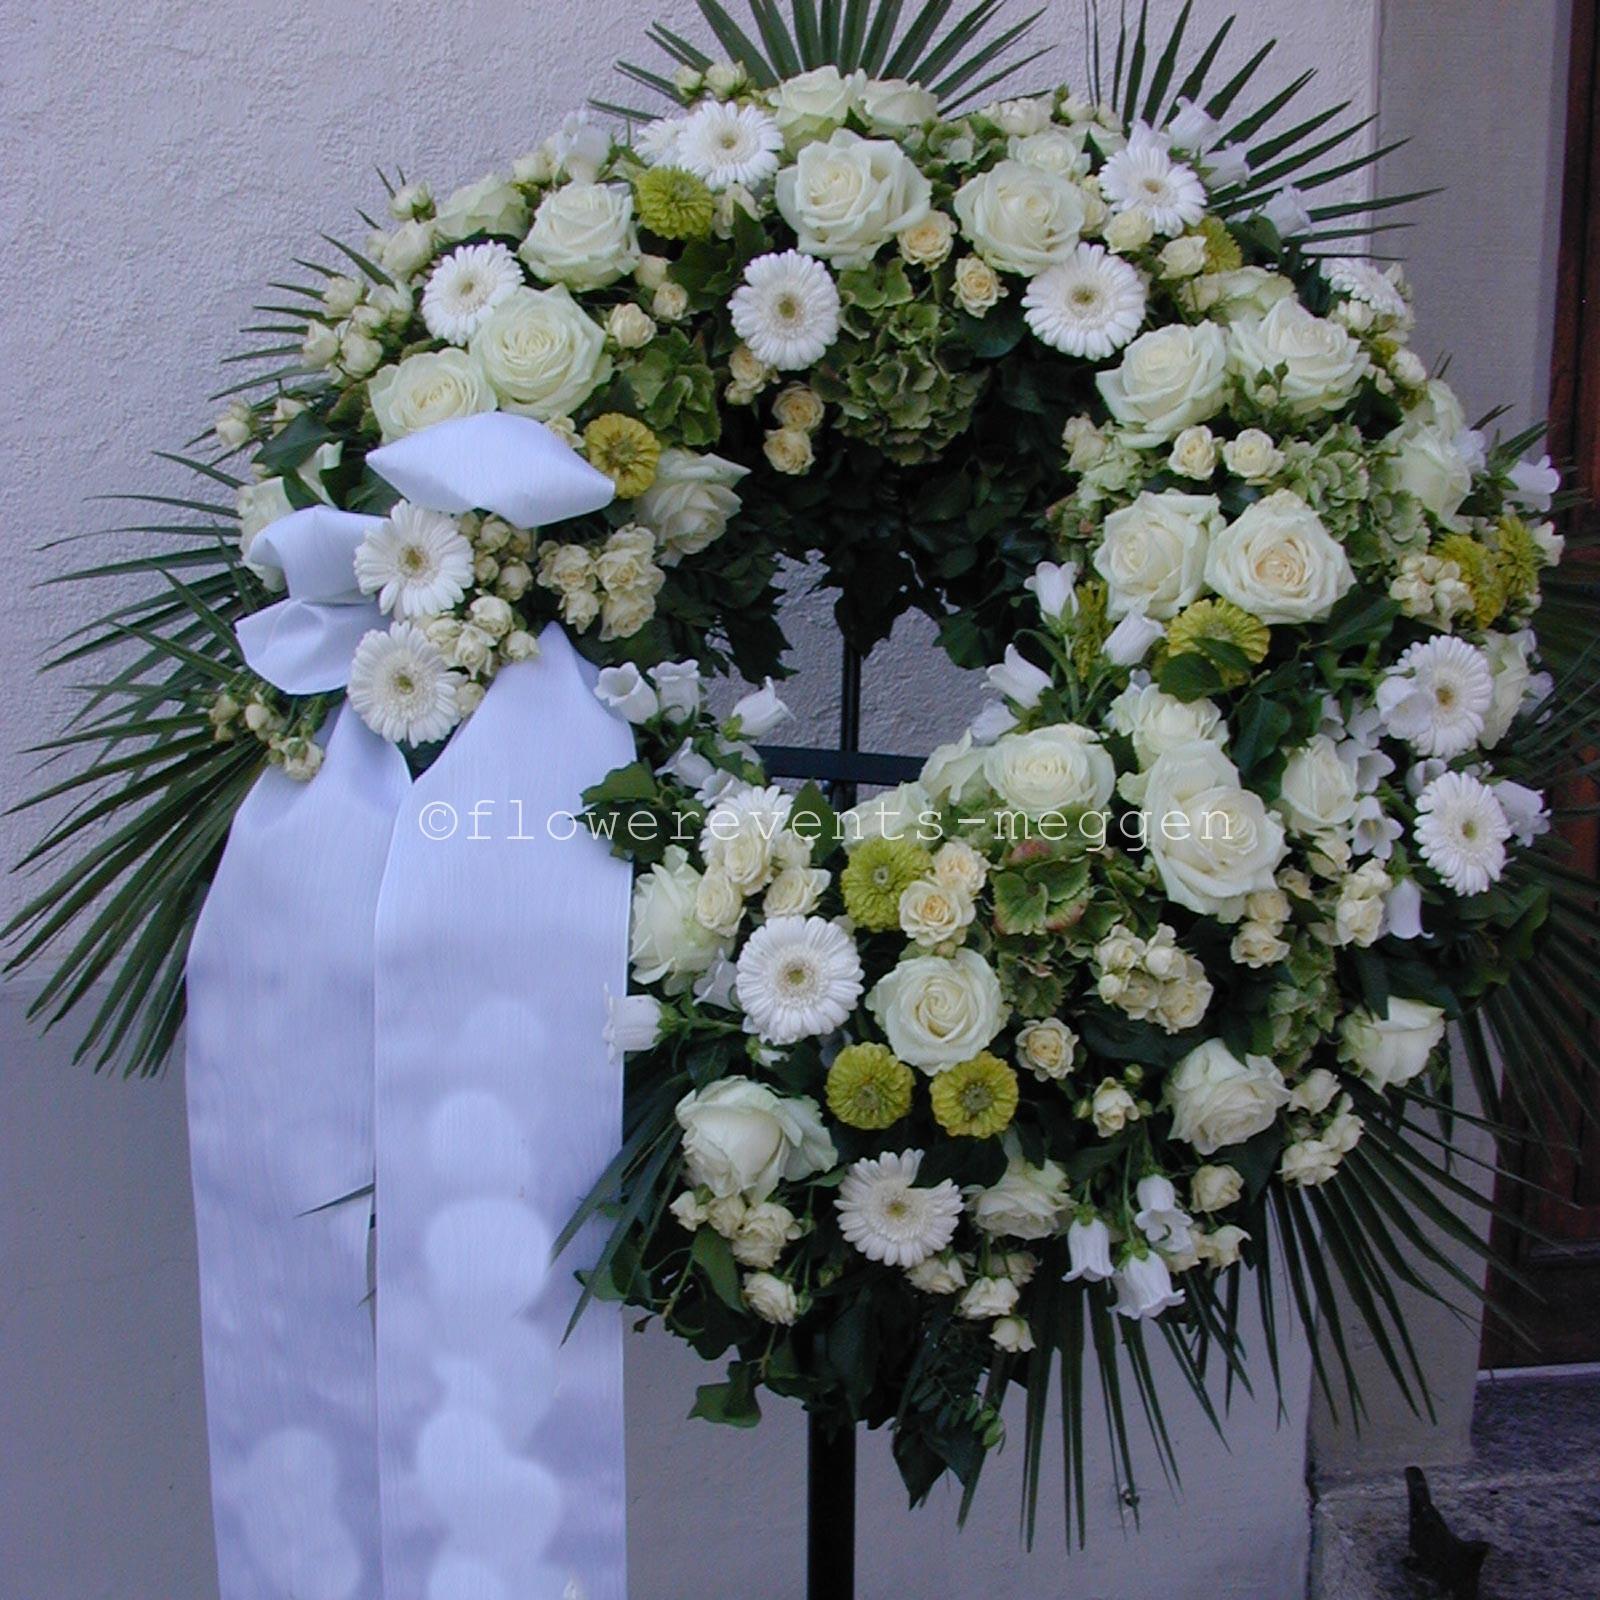 Trauerkranz in weiss  Blumen Luzern Flowerevents